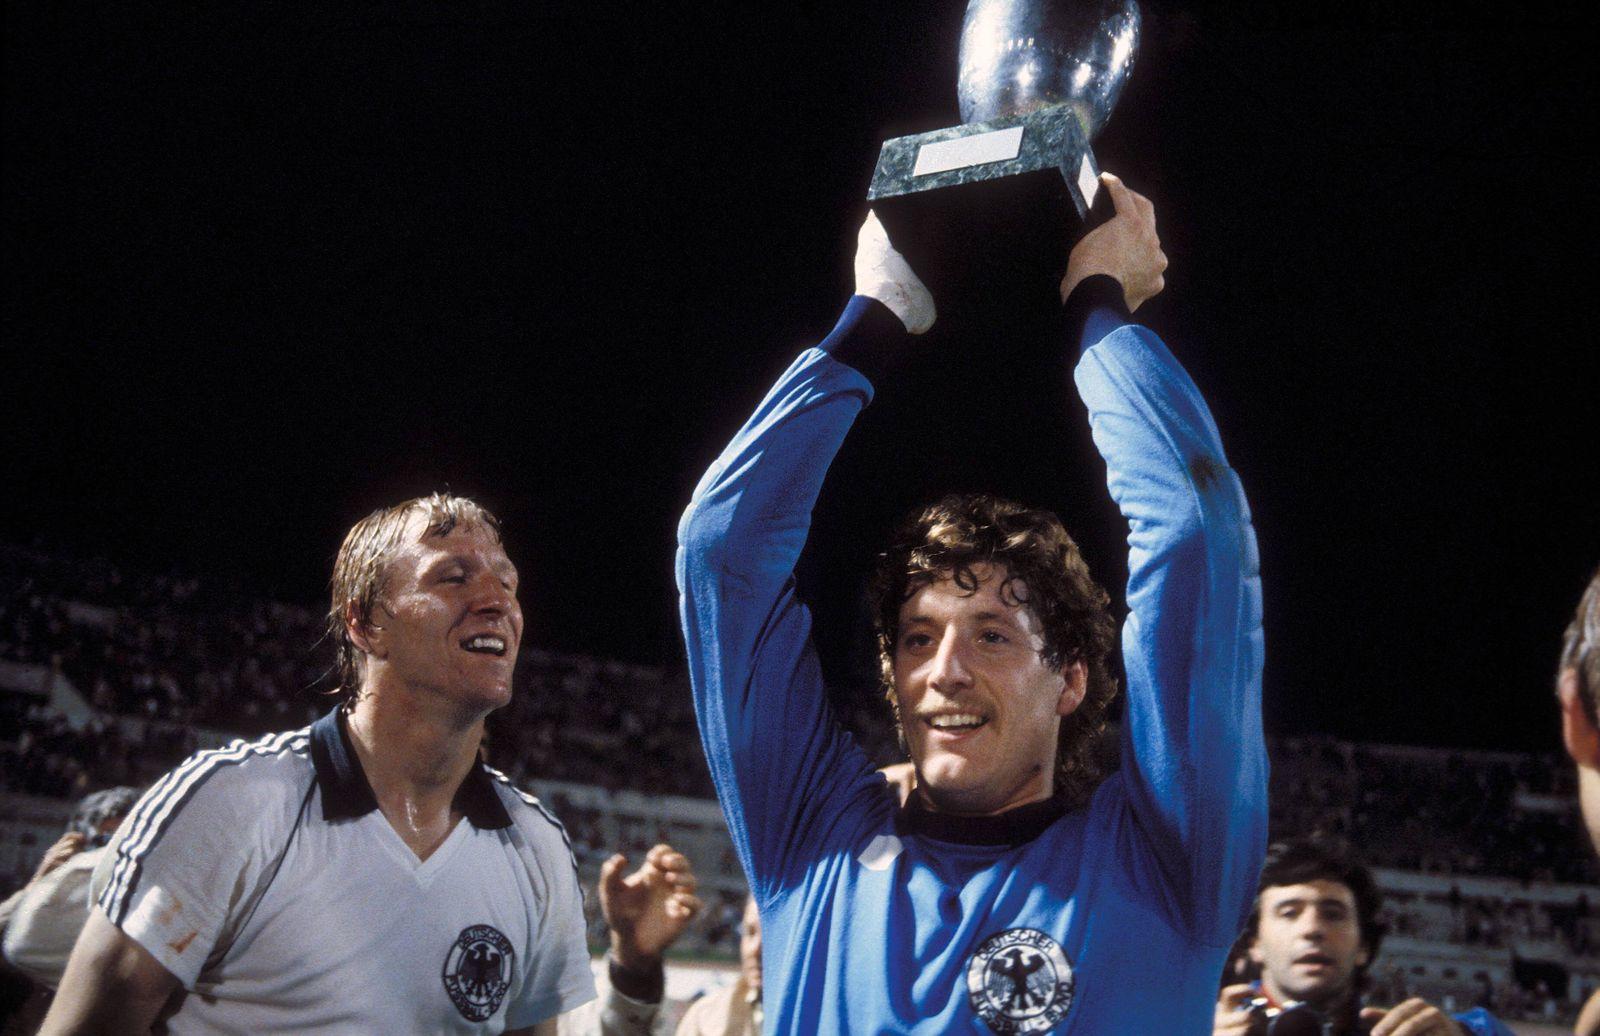 Torwart Harald Schumacher mit dem Europameister Pokal, bestaunt von Horst Hrubesch (beide BR Deutschland)